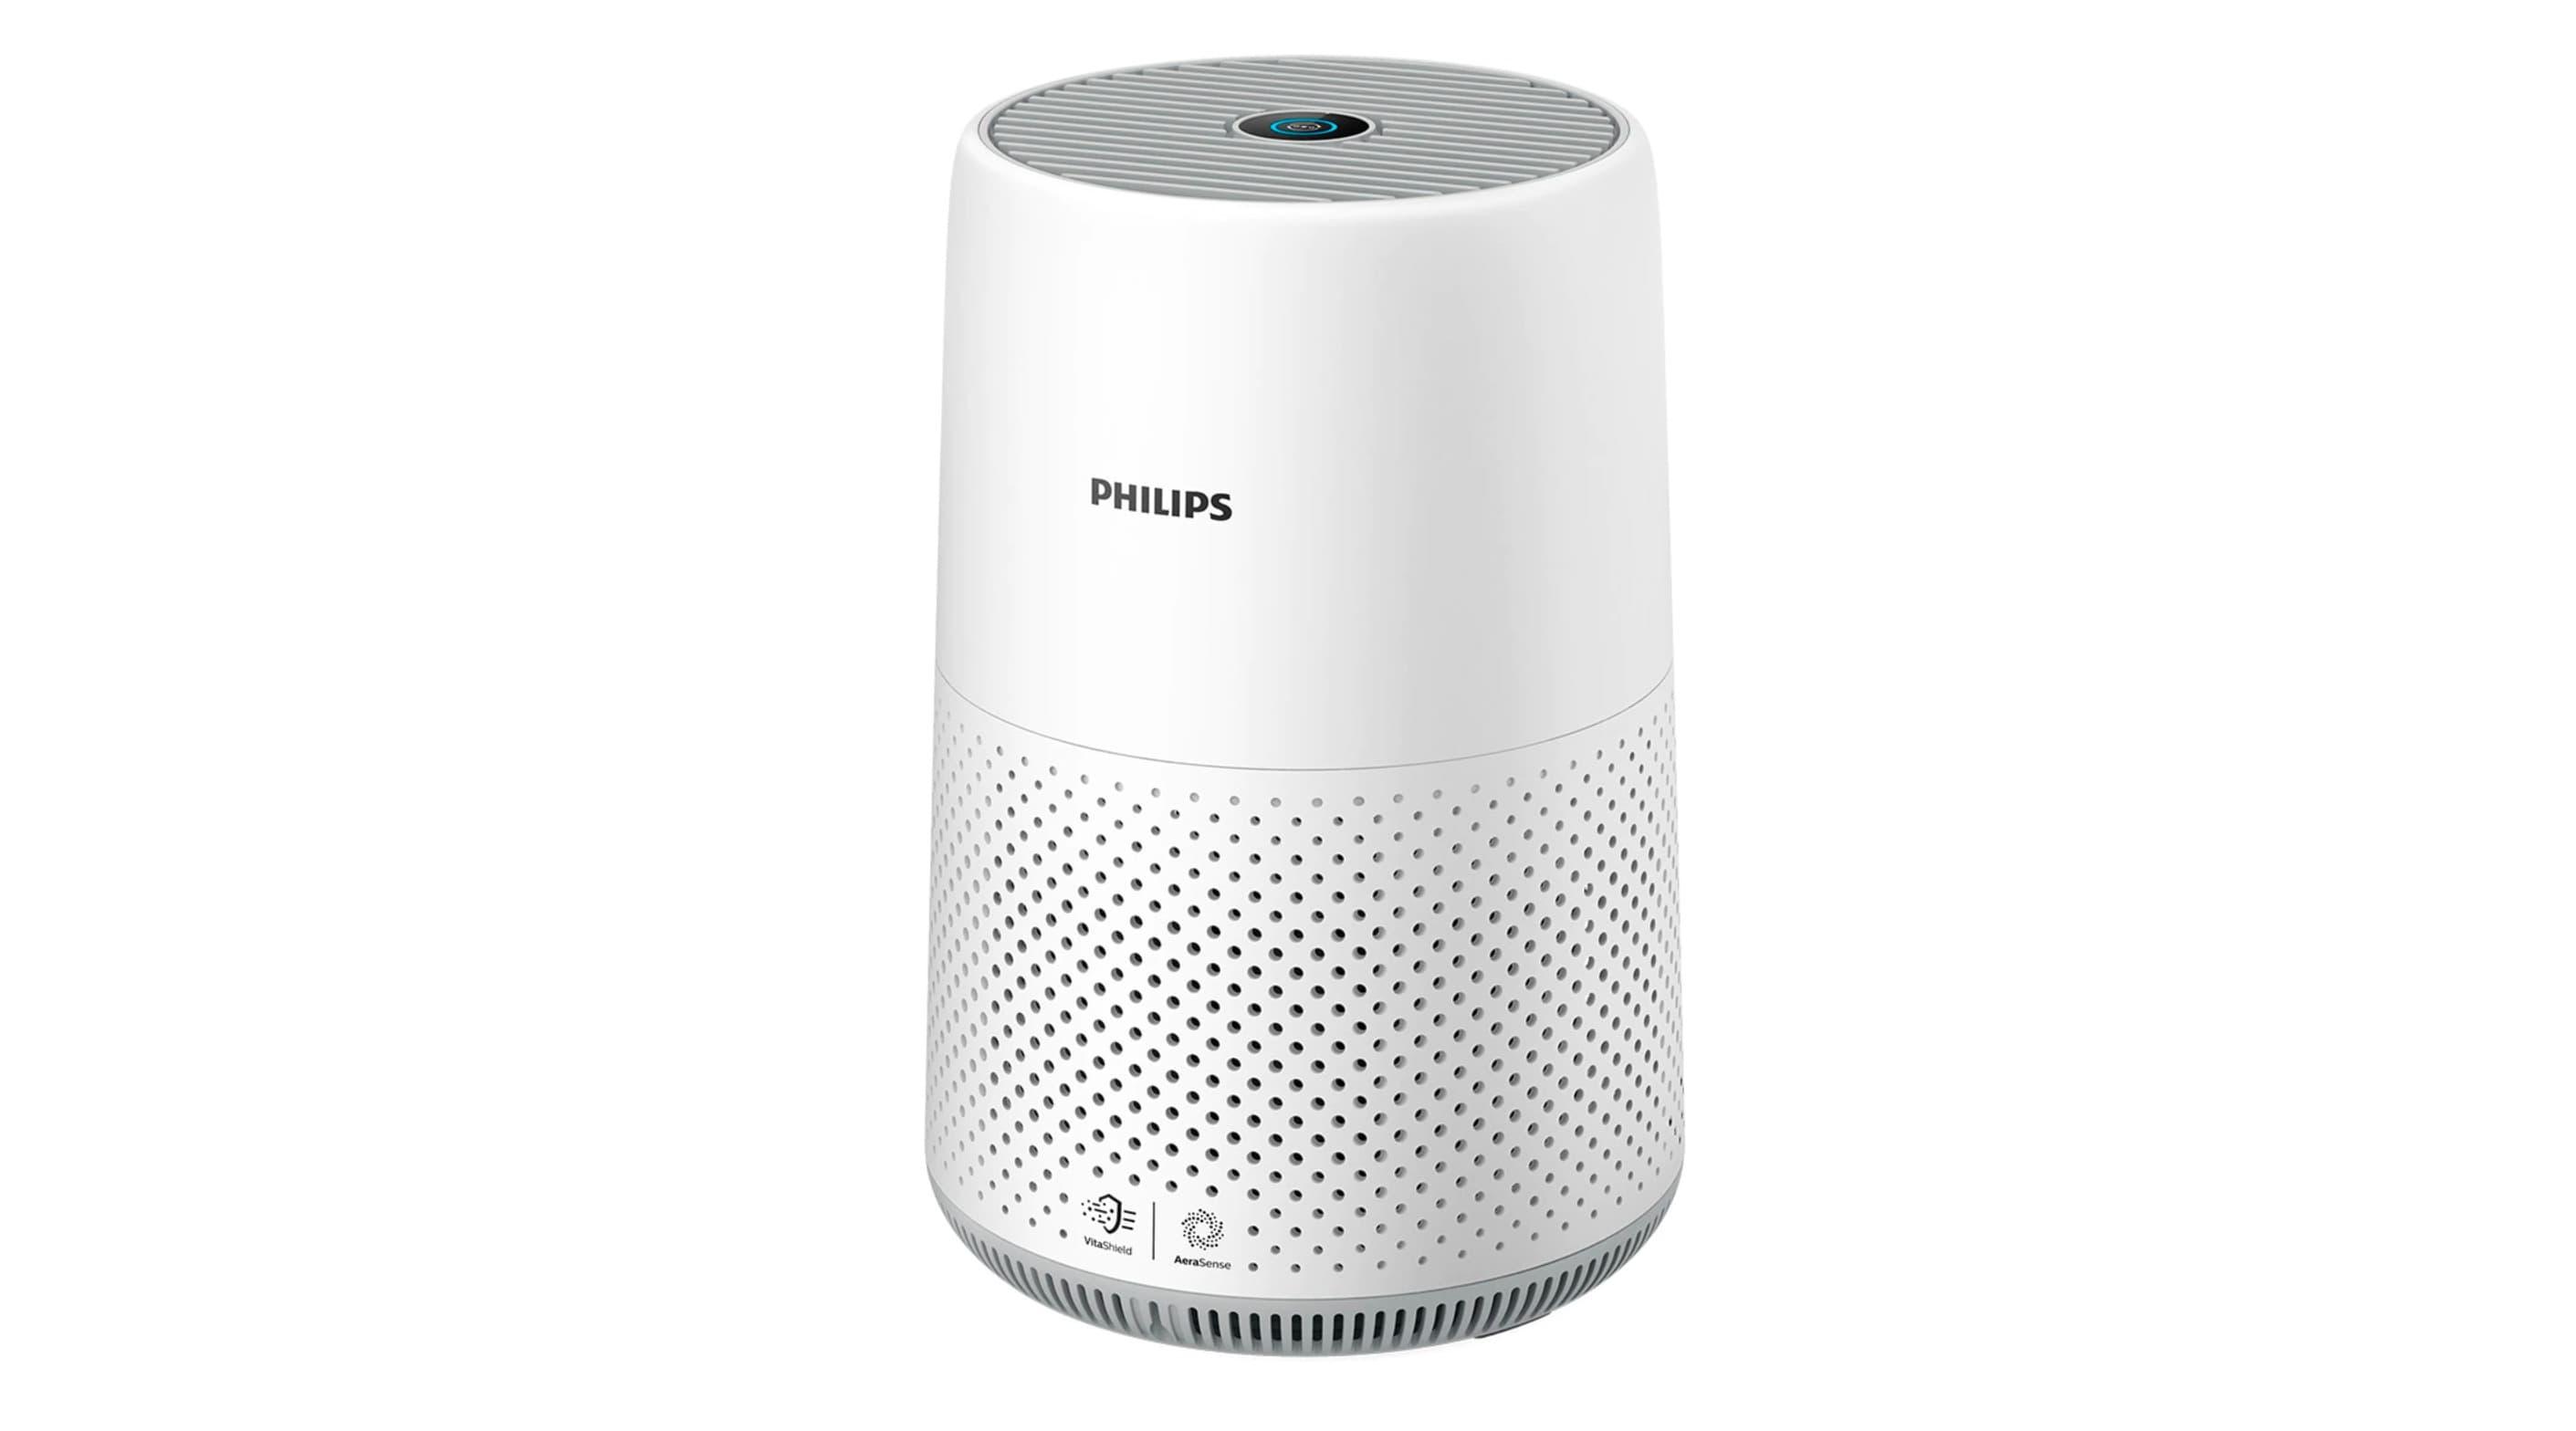 Purificador de aire compacto Philips s800 con filtro HEPA, para estancias de hasta 49m2